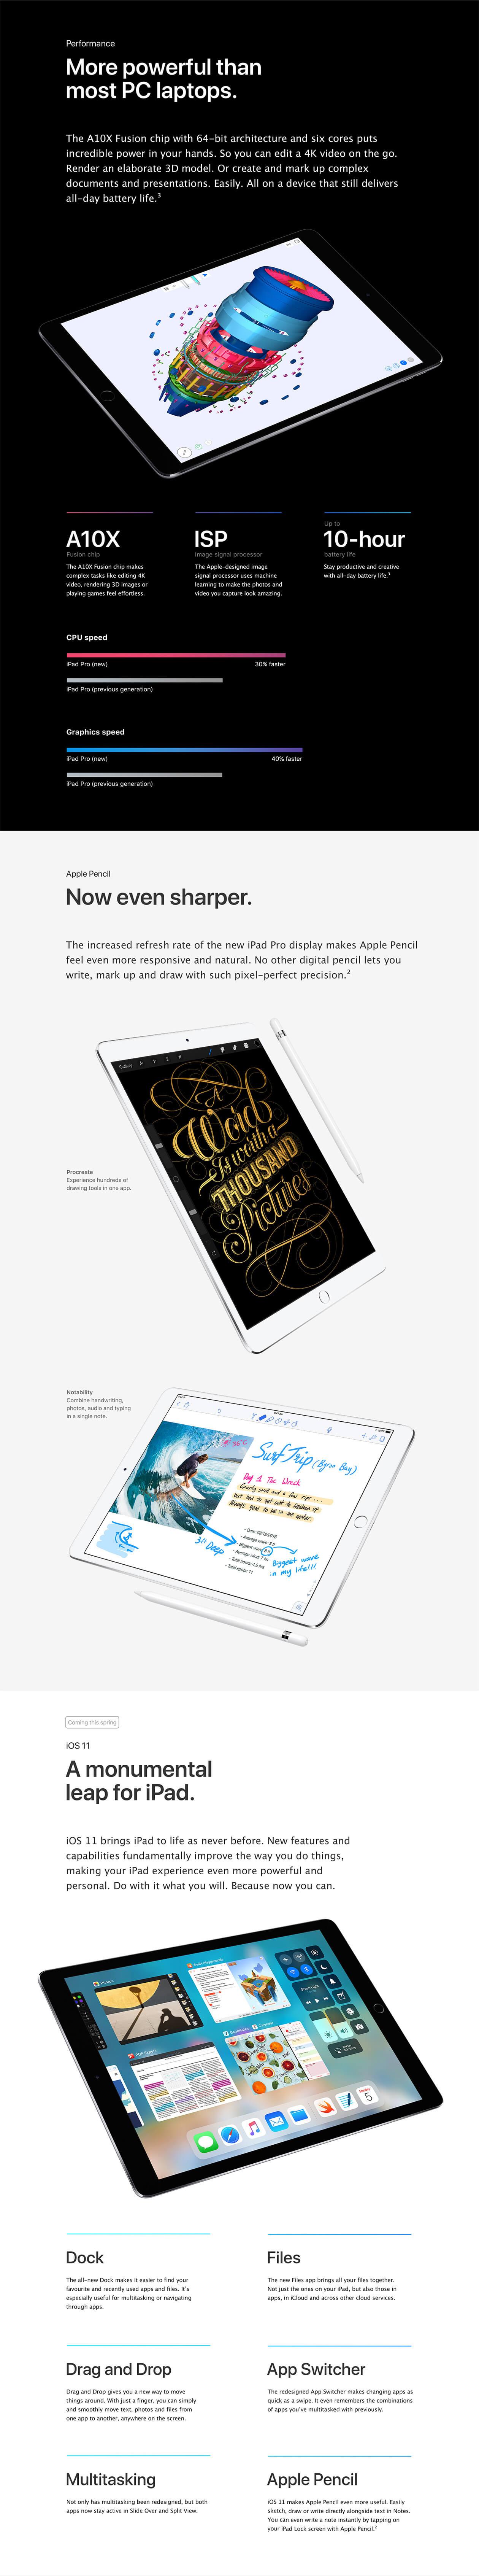 iPad Pro | Harvey Norman Australia